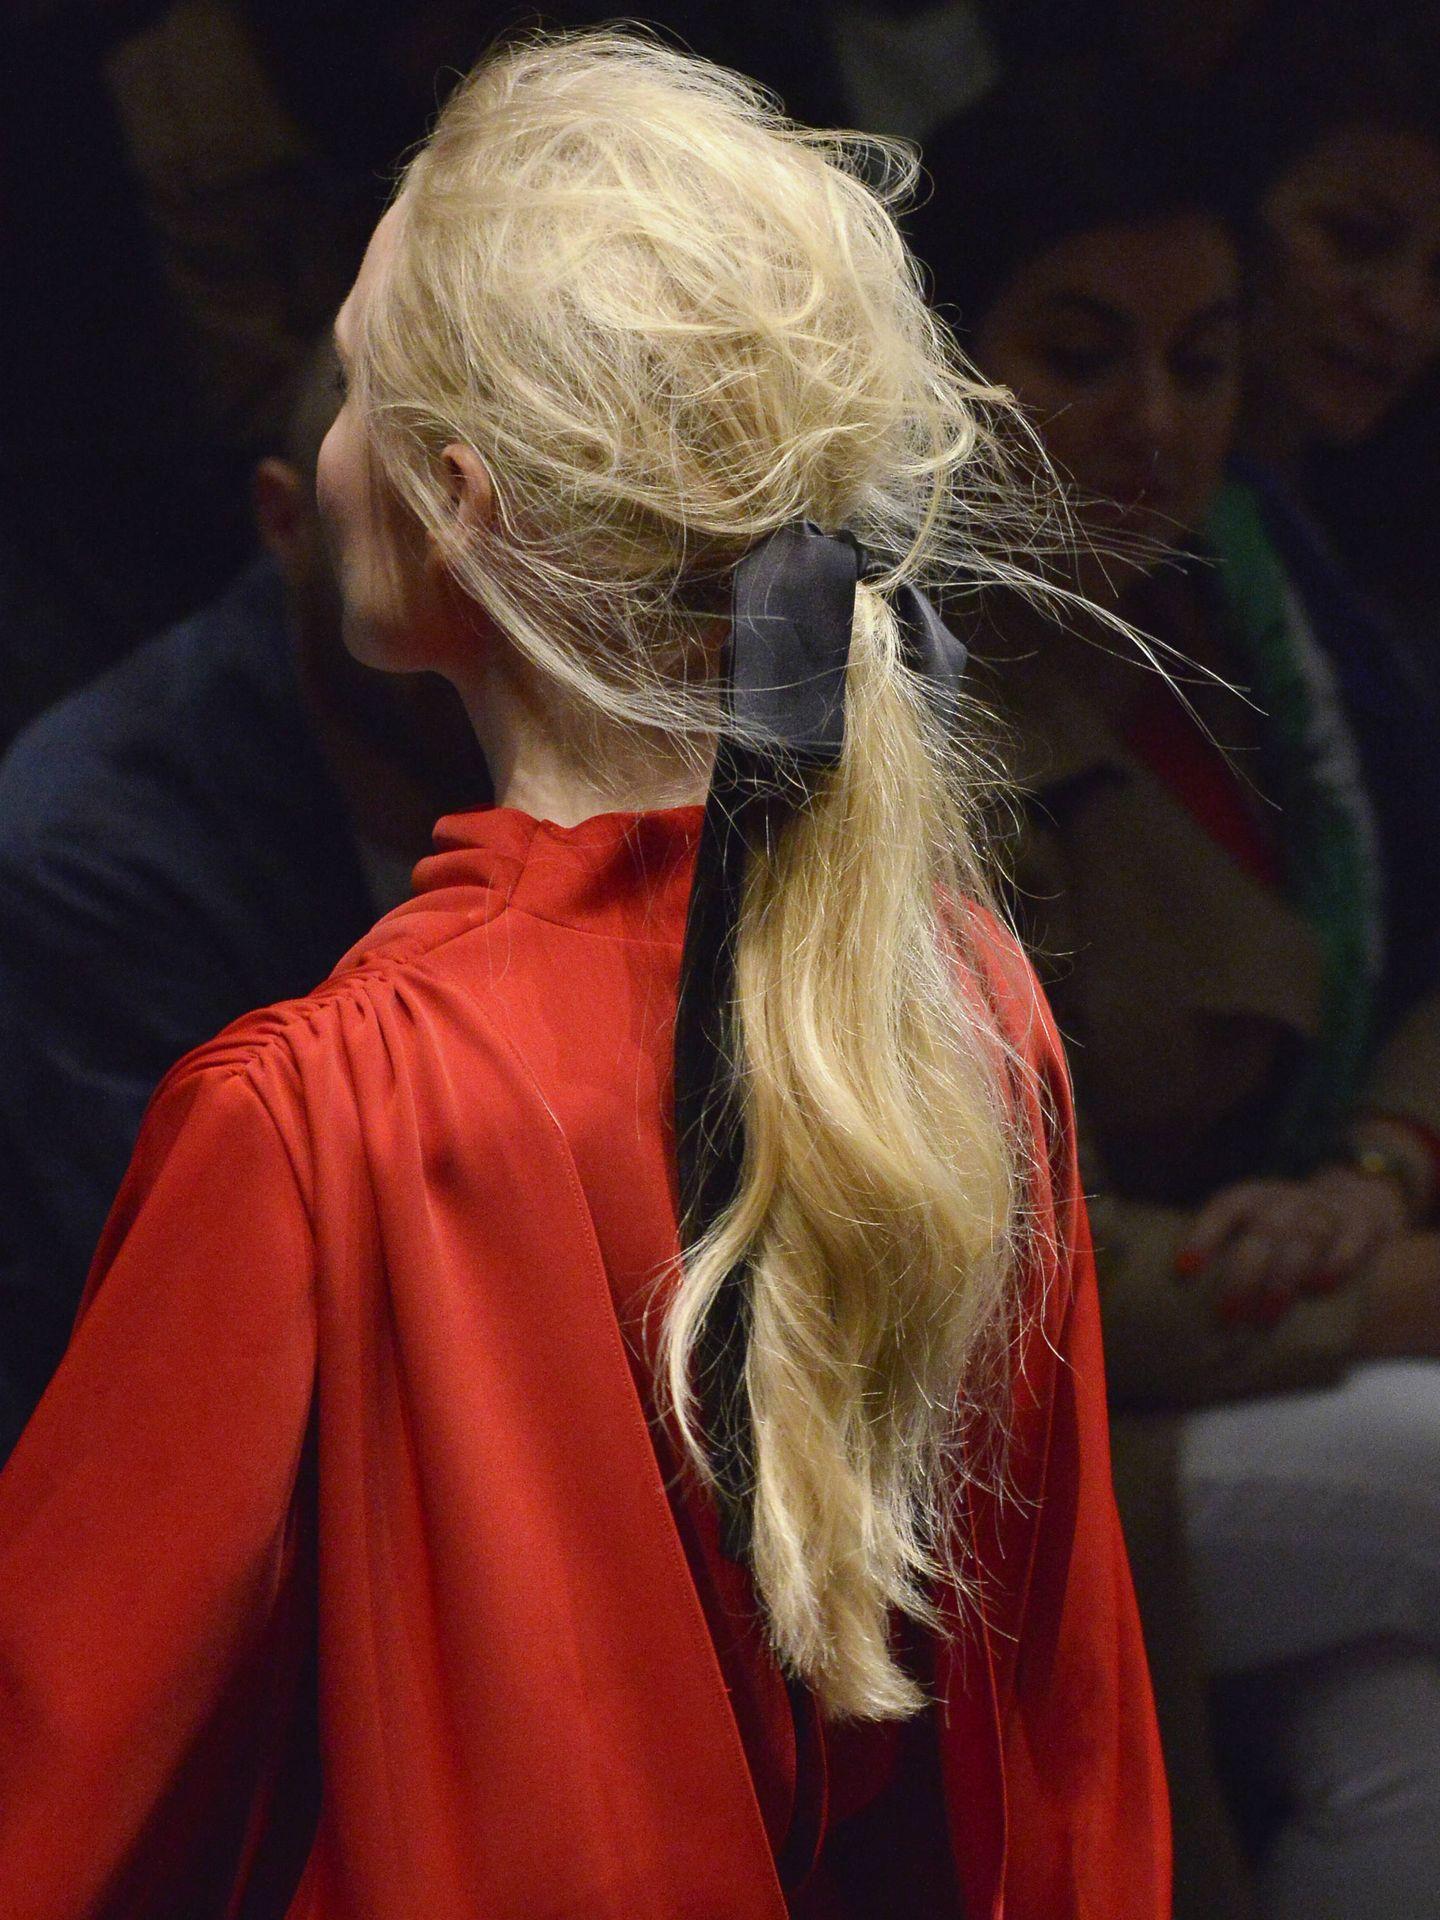 La plancha de seda busca lograr un liso sin encrespamiento y con mucho brillo. (Getty)